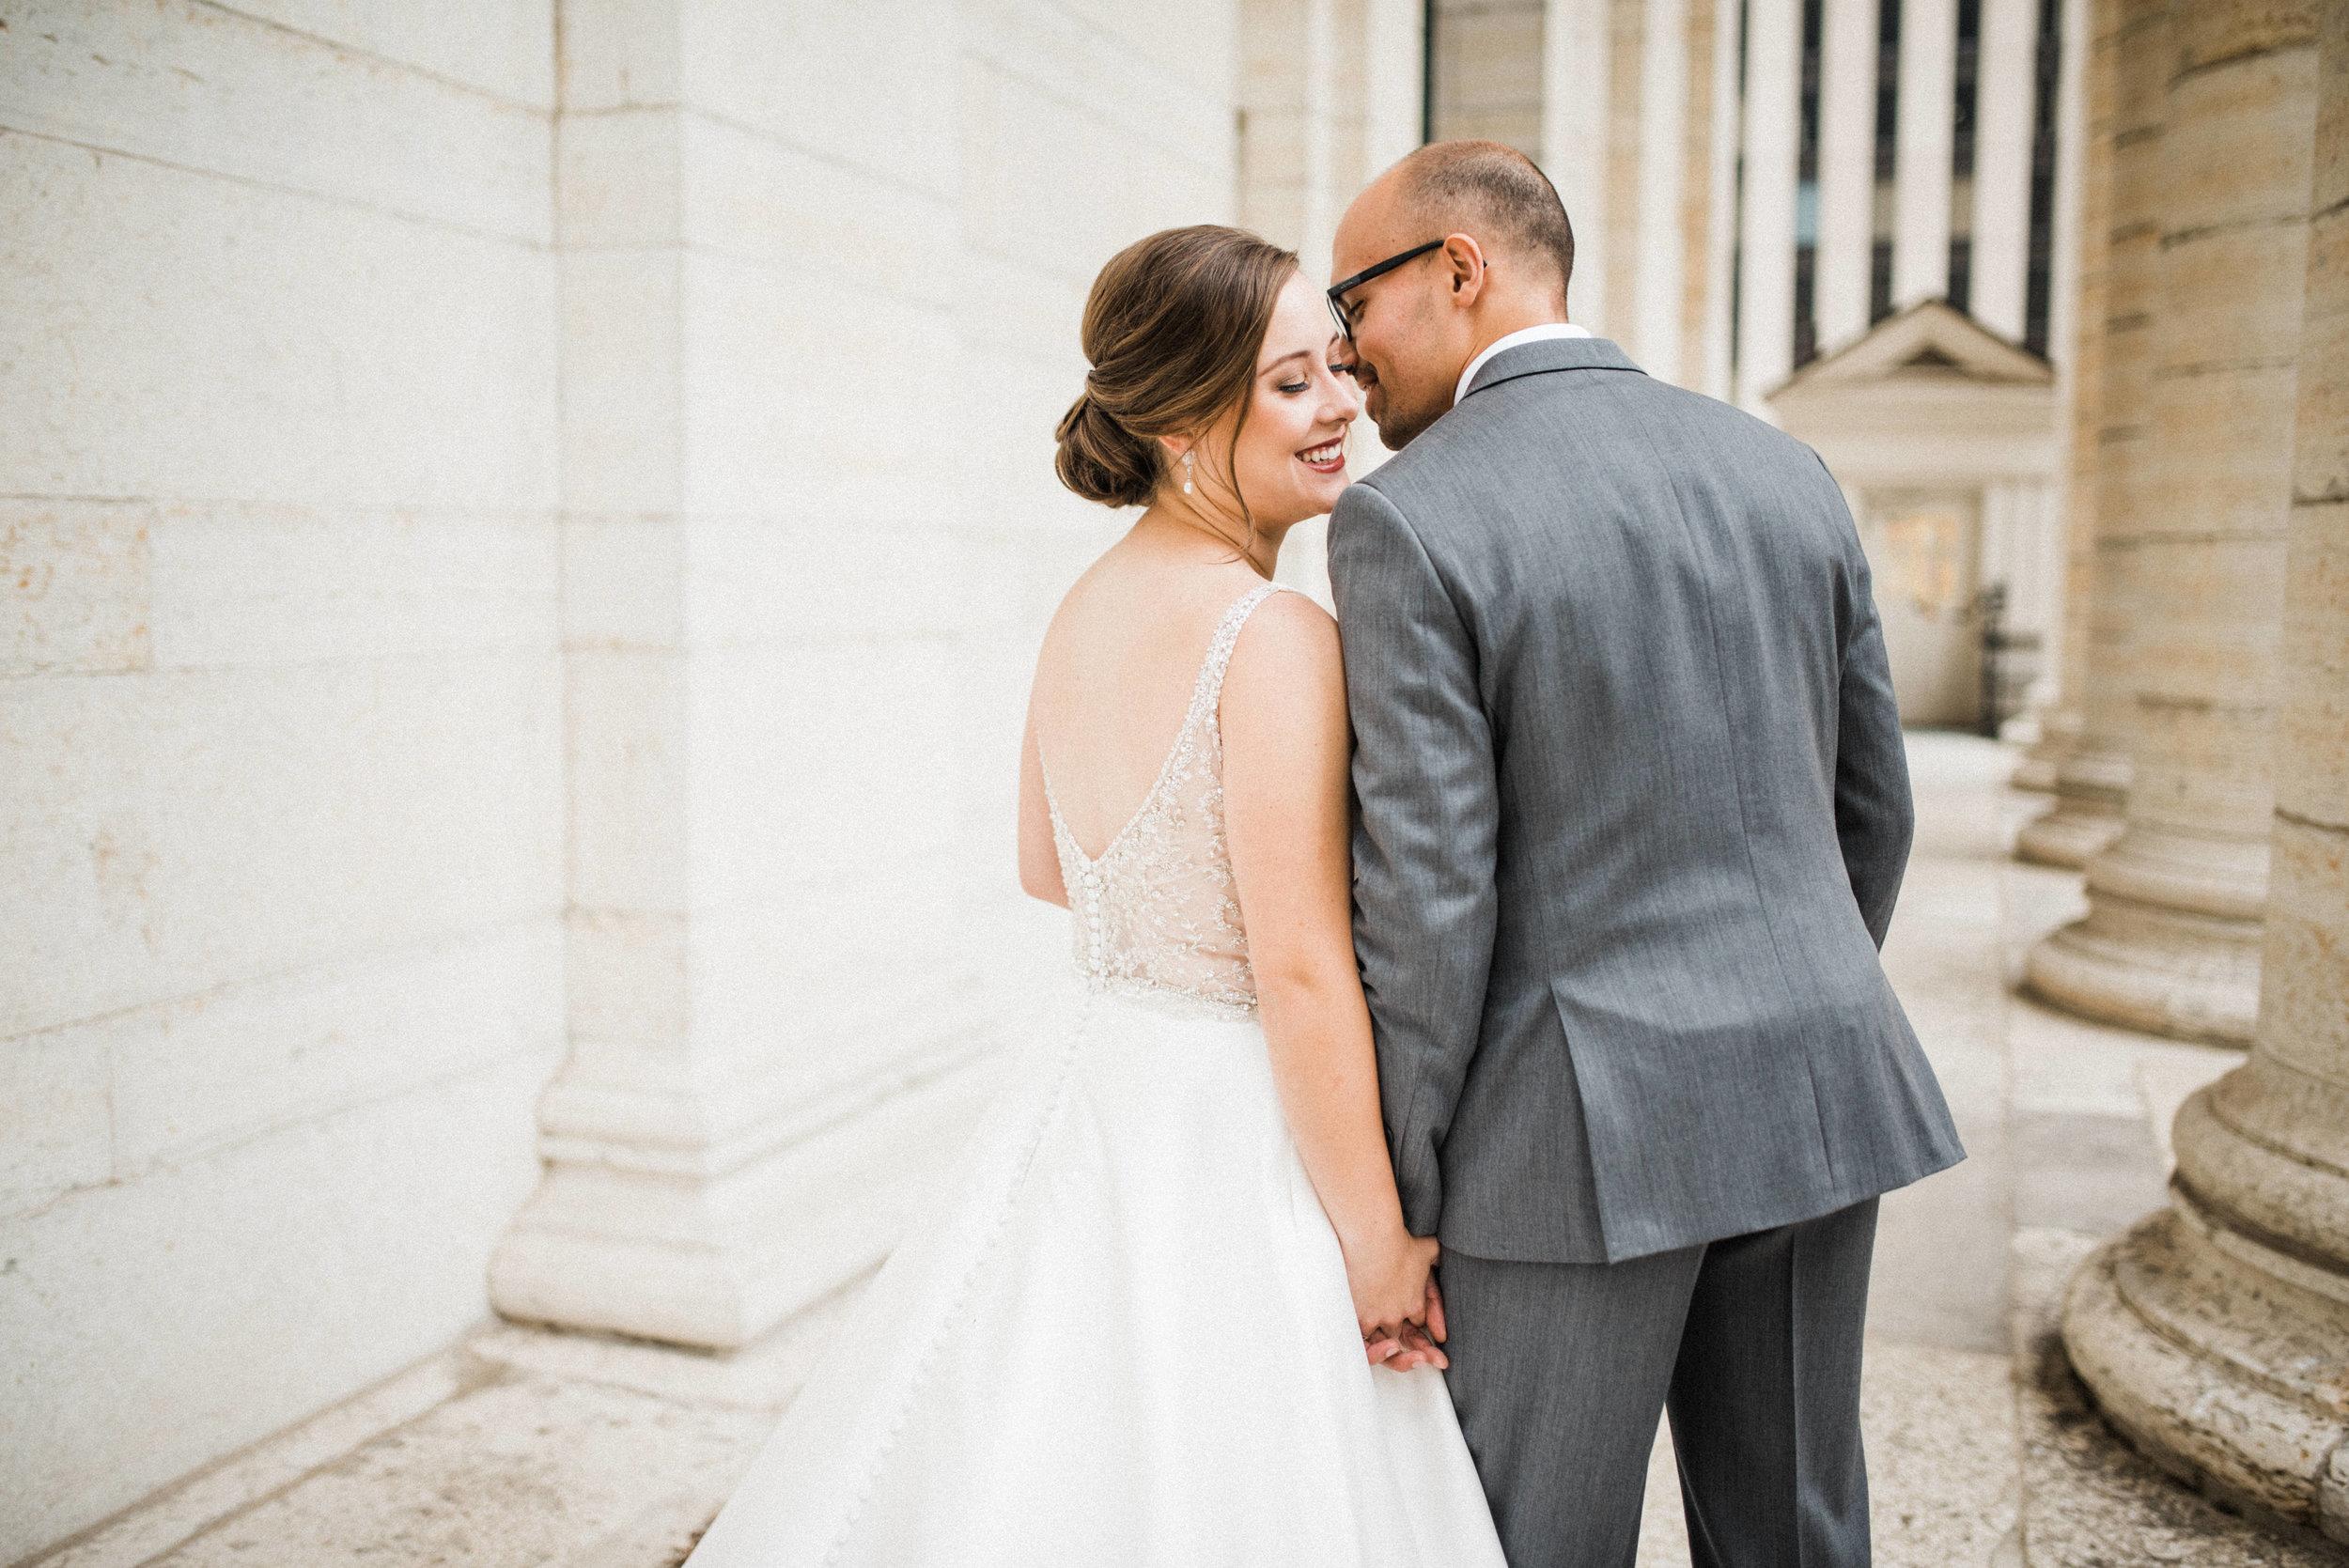 -Chelsea-Hall-Photography-Old-Courthouse-Wedding-Dayton-Ohio-33.jpg